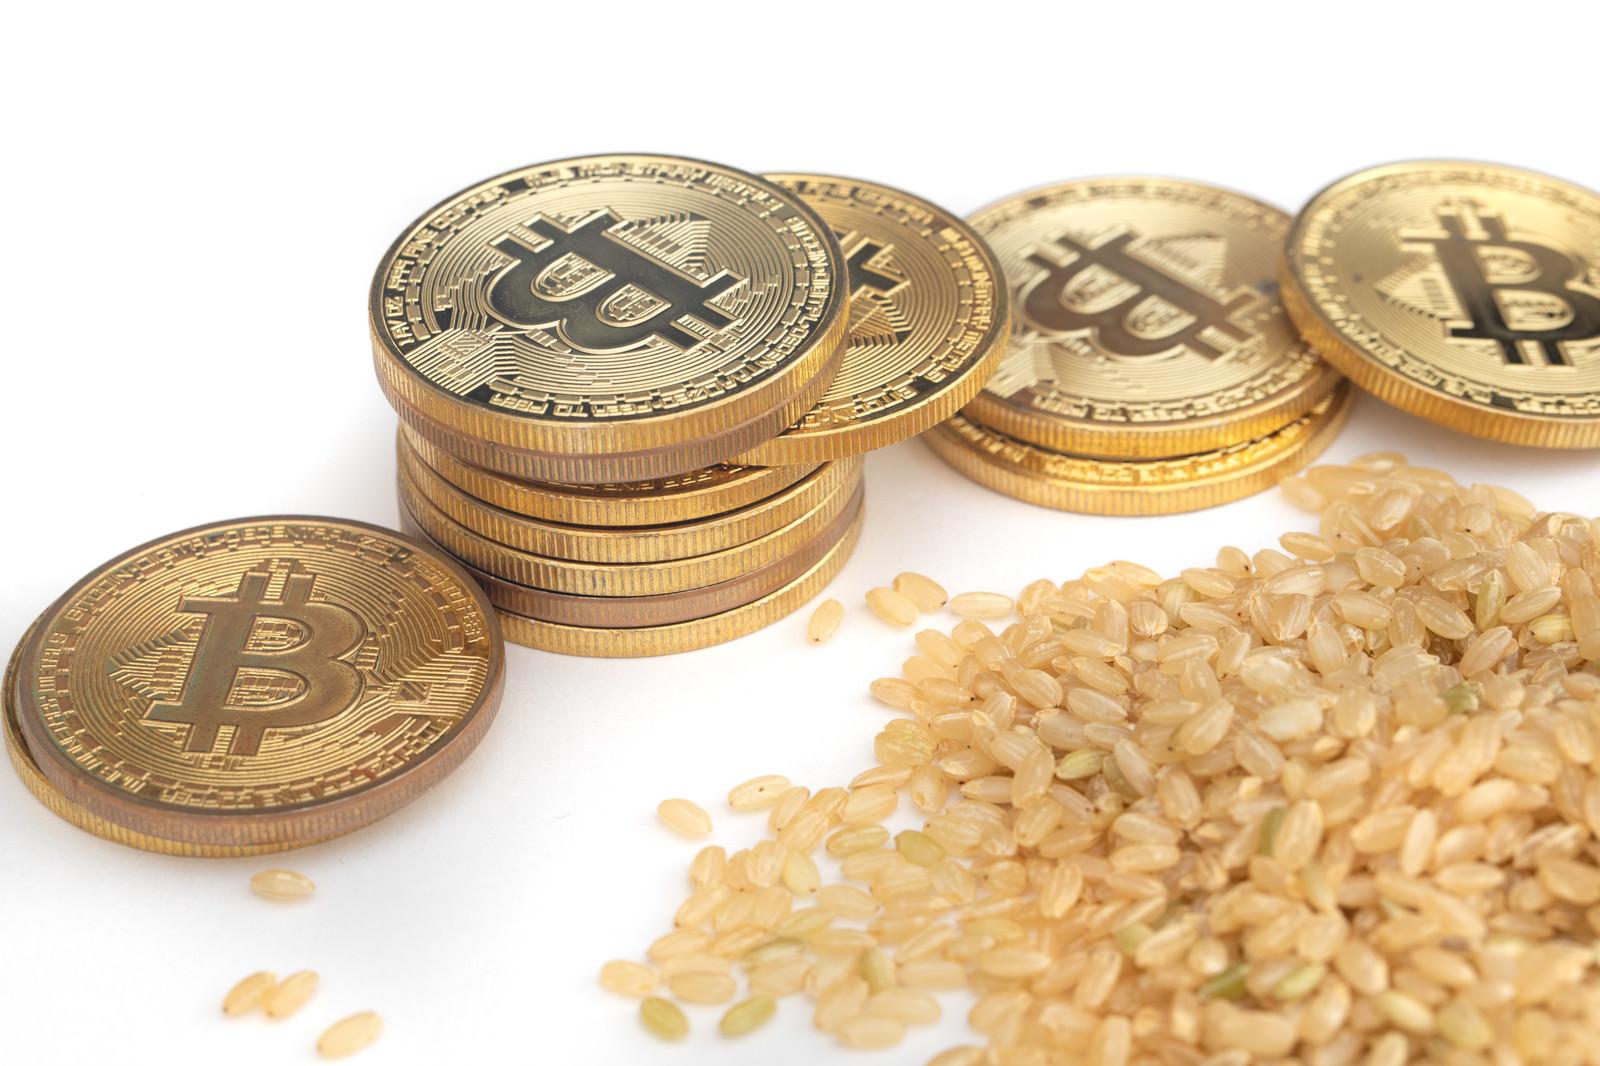 「玄米とビットコインの出会い」の写真